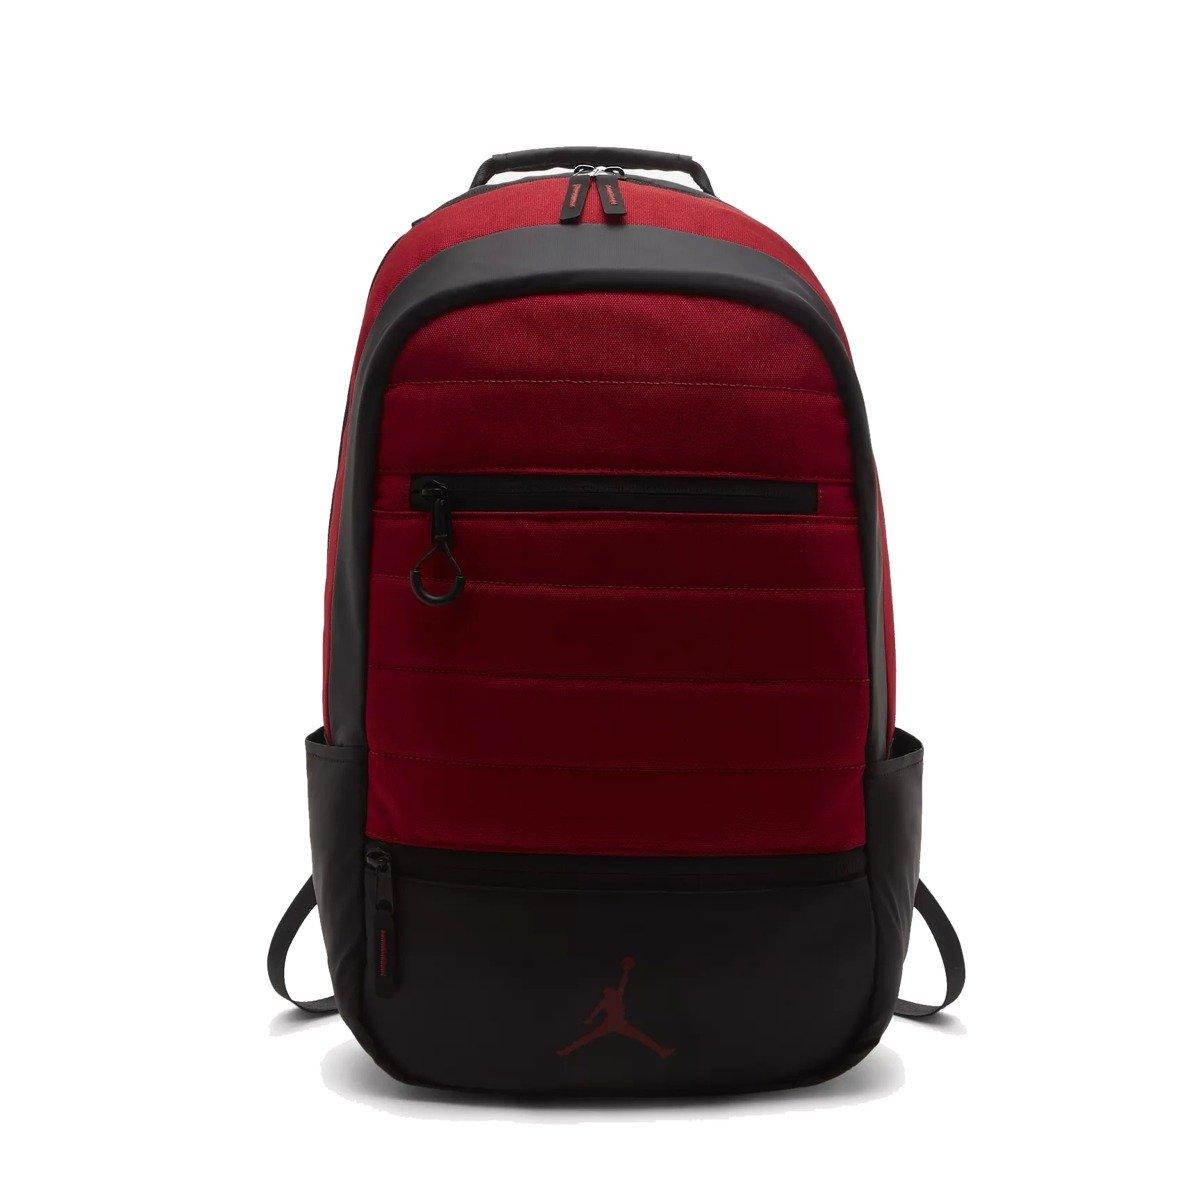 c1f086de06b7 Air Jordan Airborne Backpack - HA2738-678